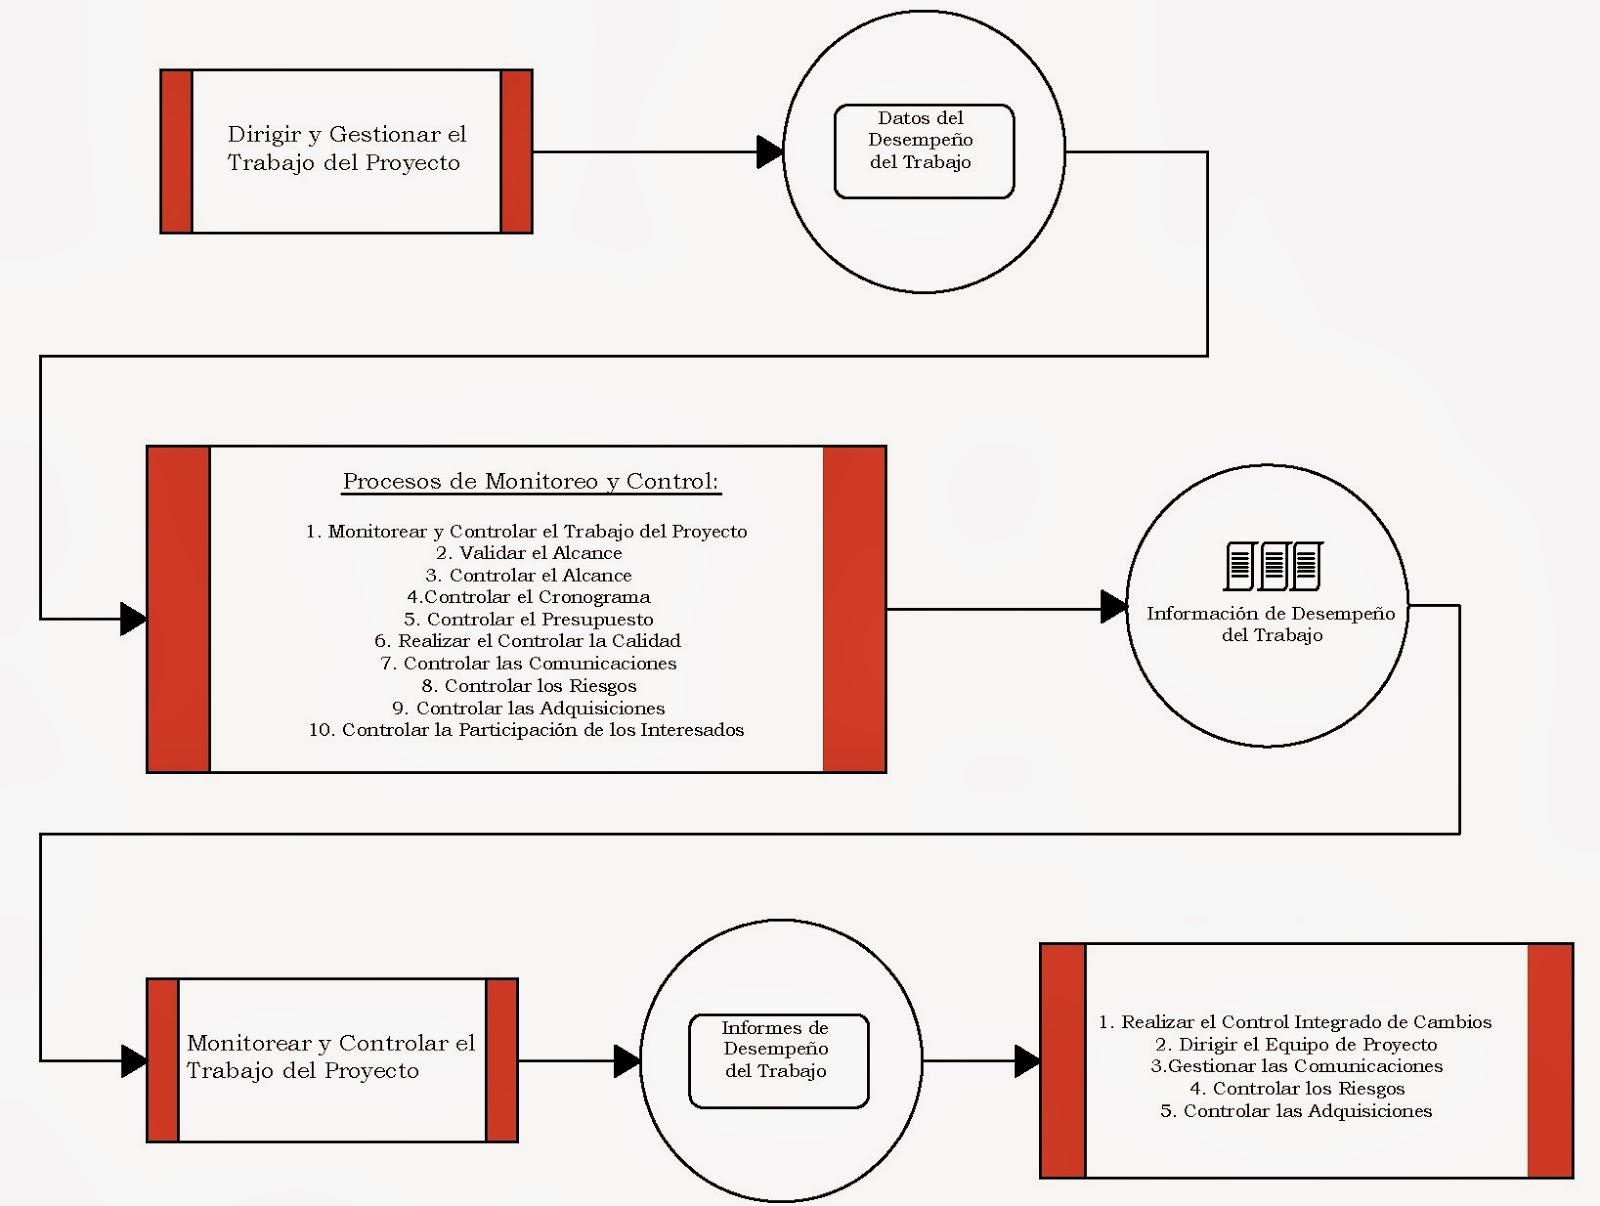 Acerca de los Datos, Información e Informes de Desempeño del Trabajo ...